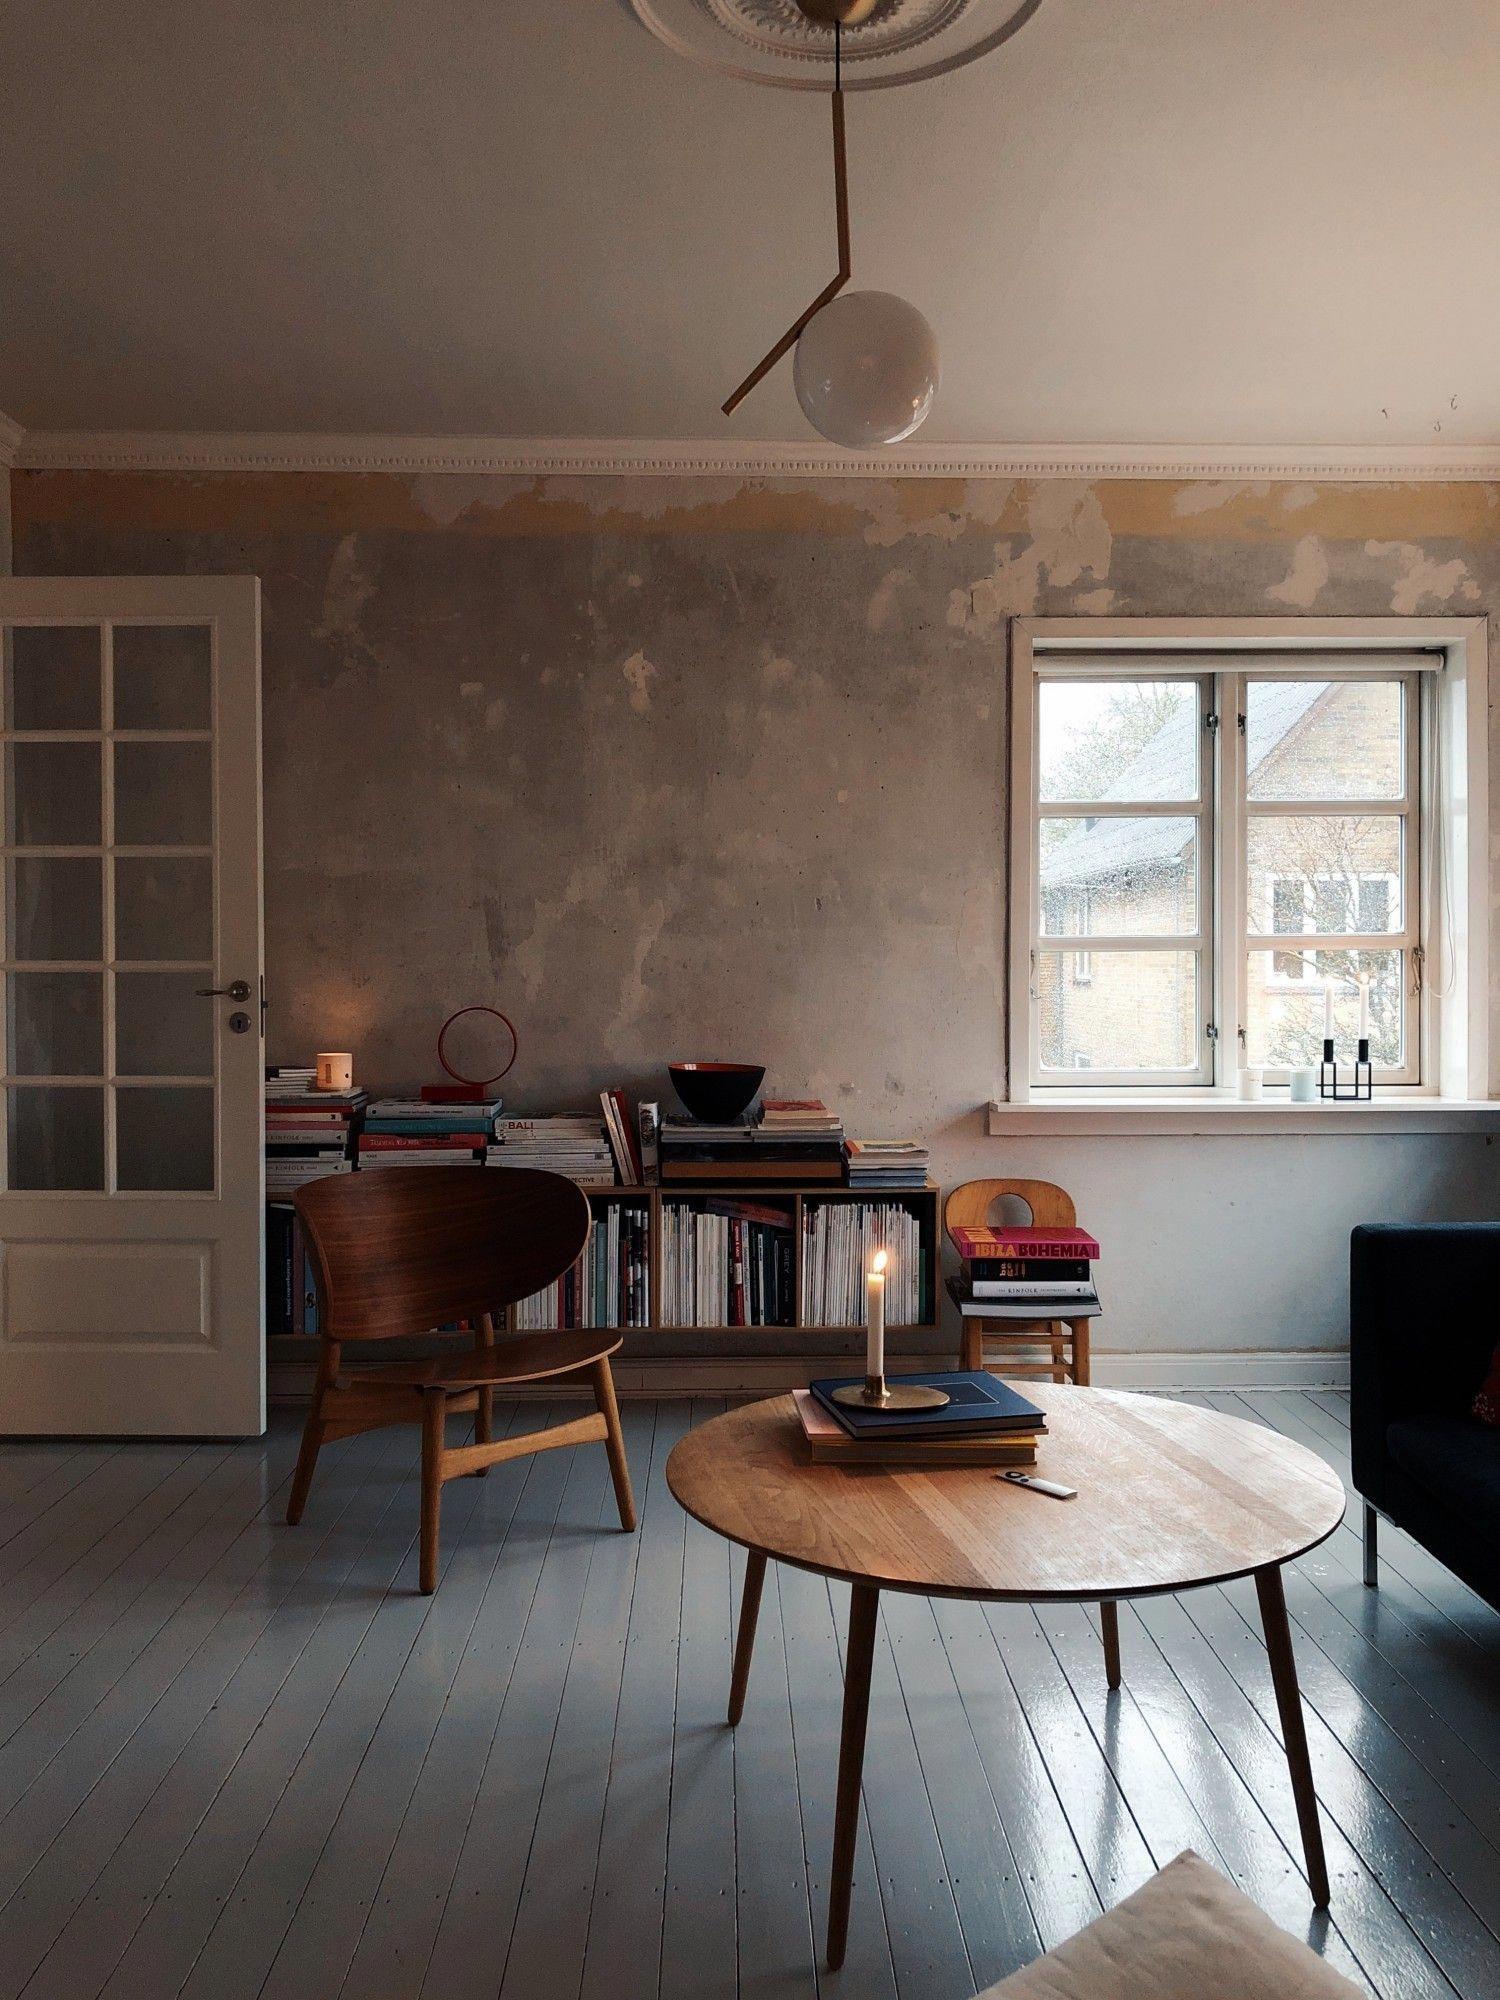 Mor till mernee interiordesign also interior design rh pinterest